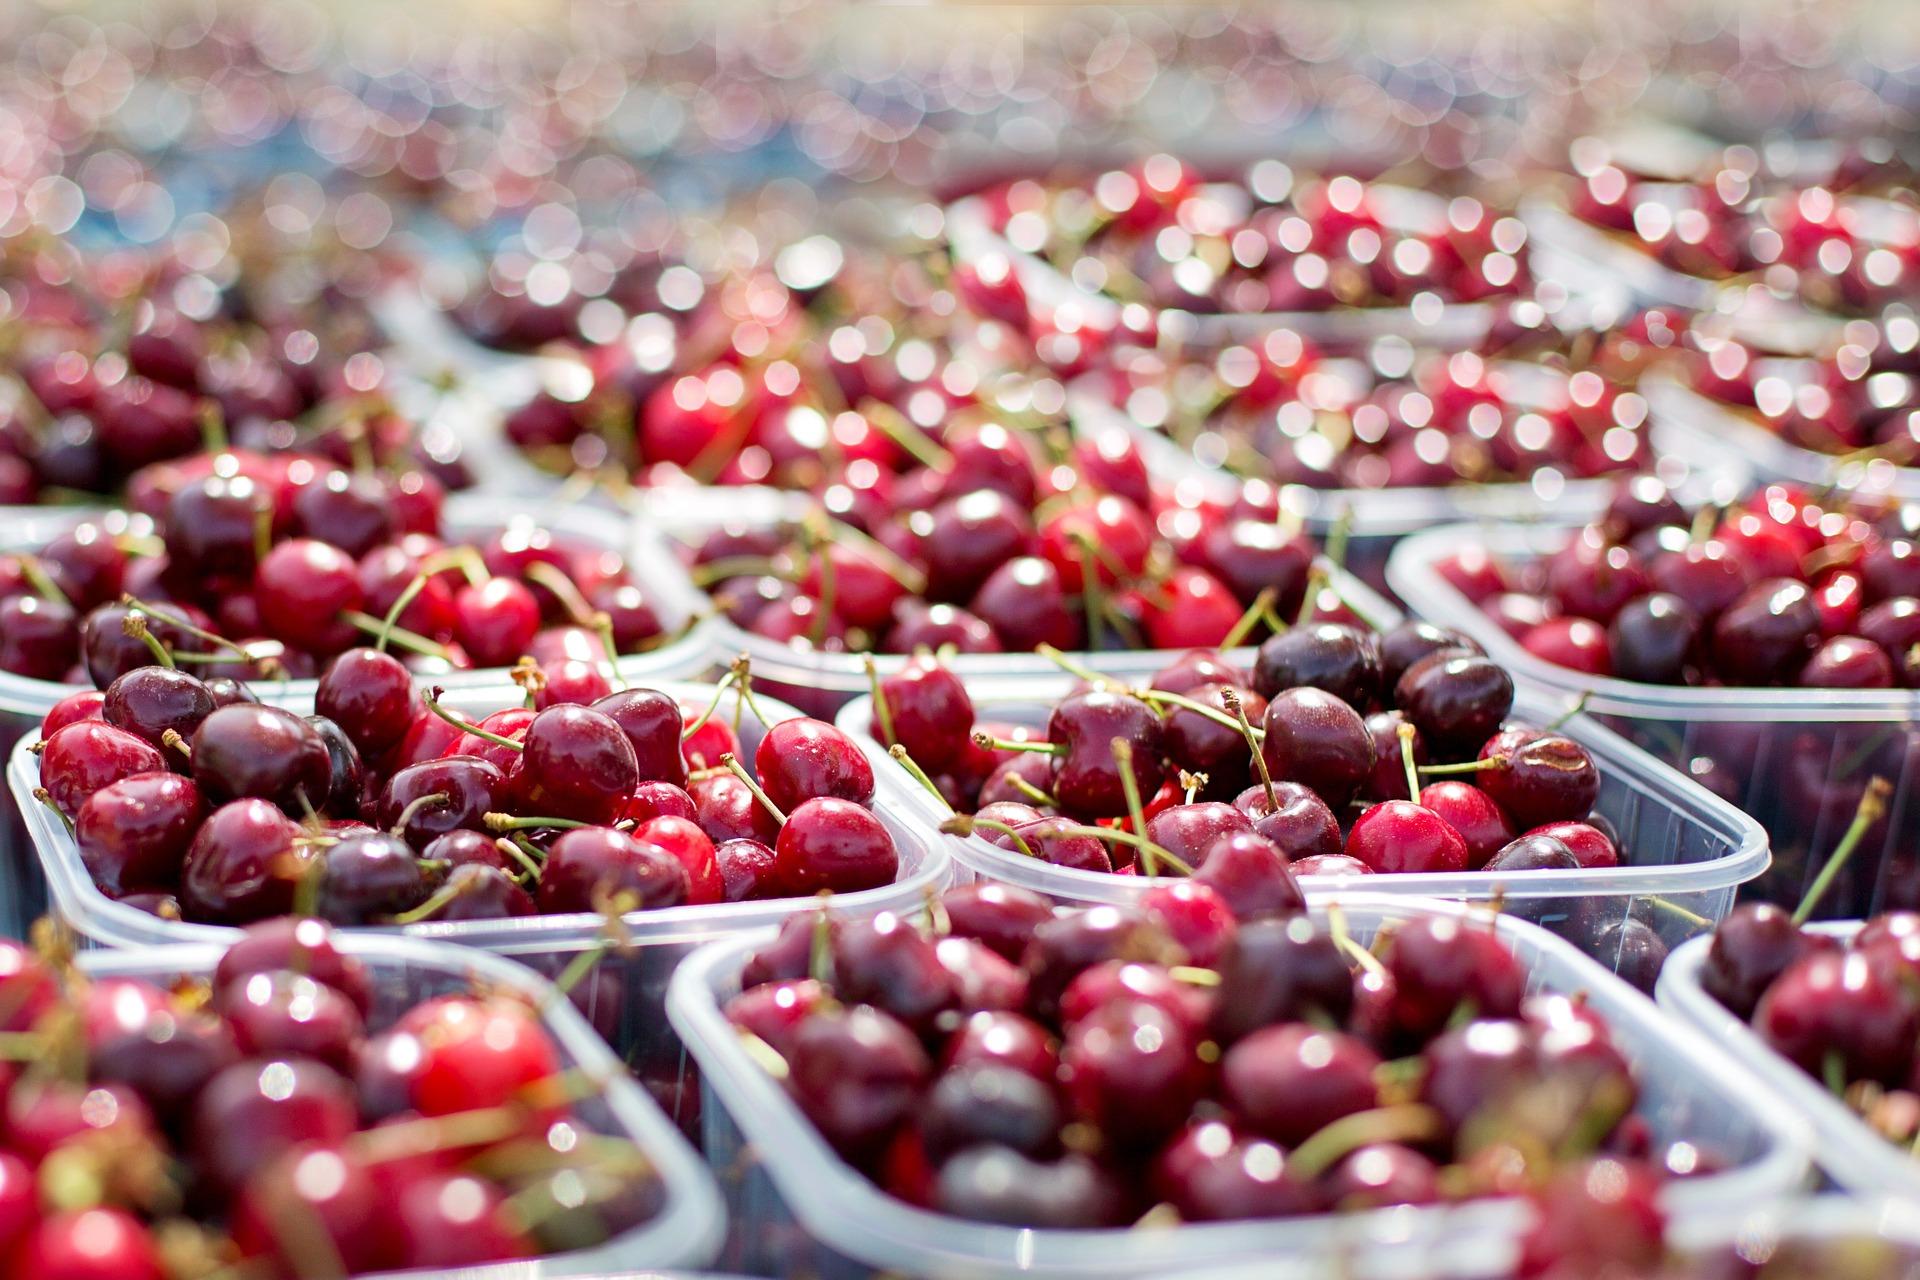 Cherry packing photo